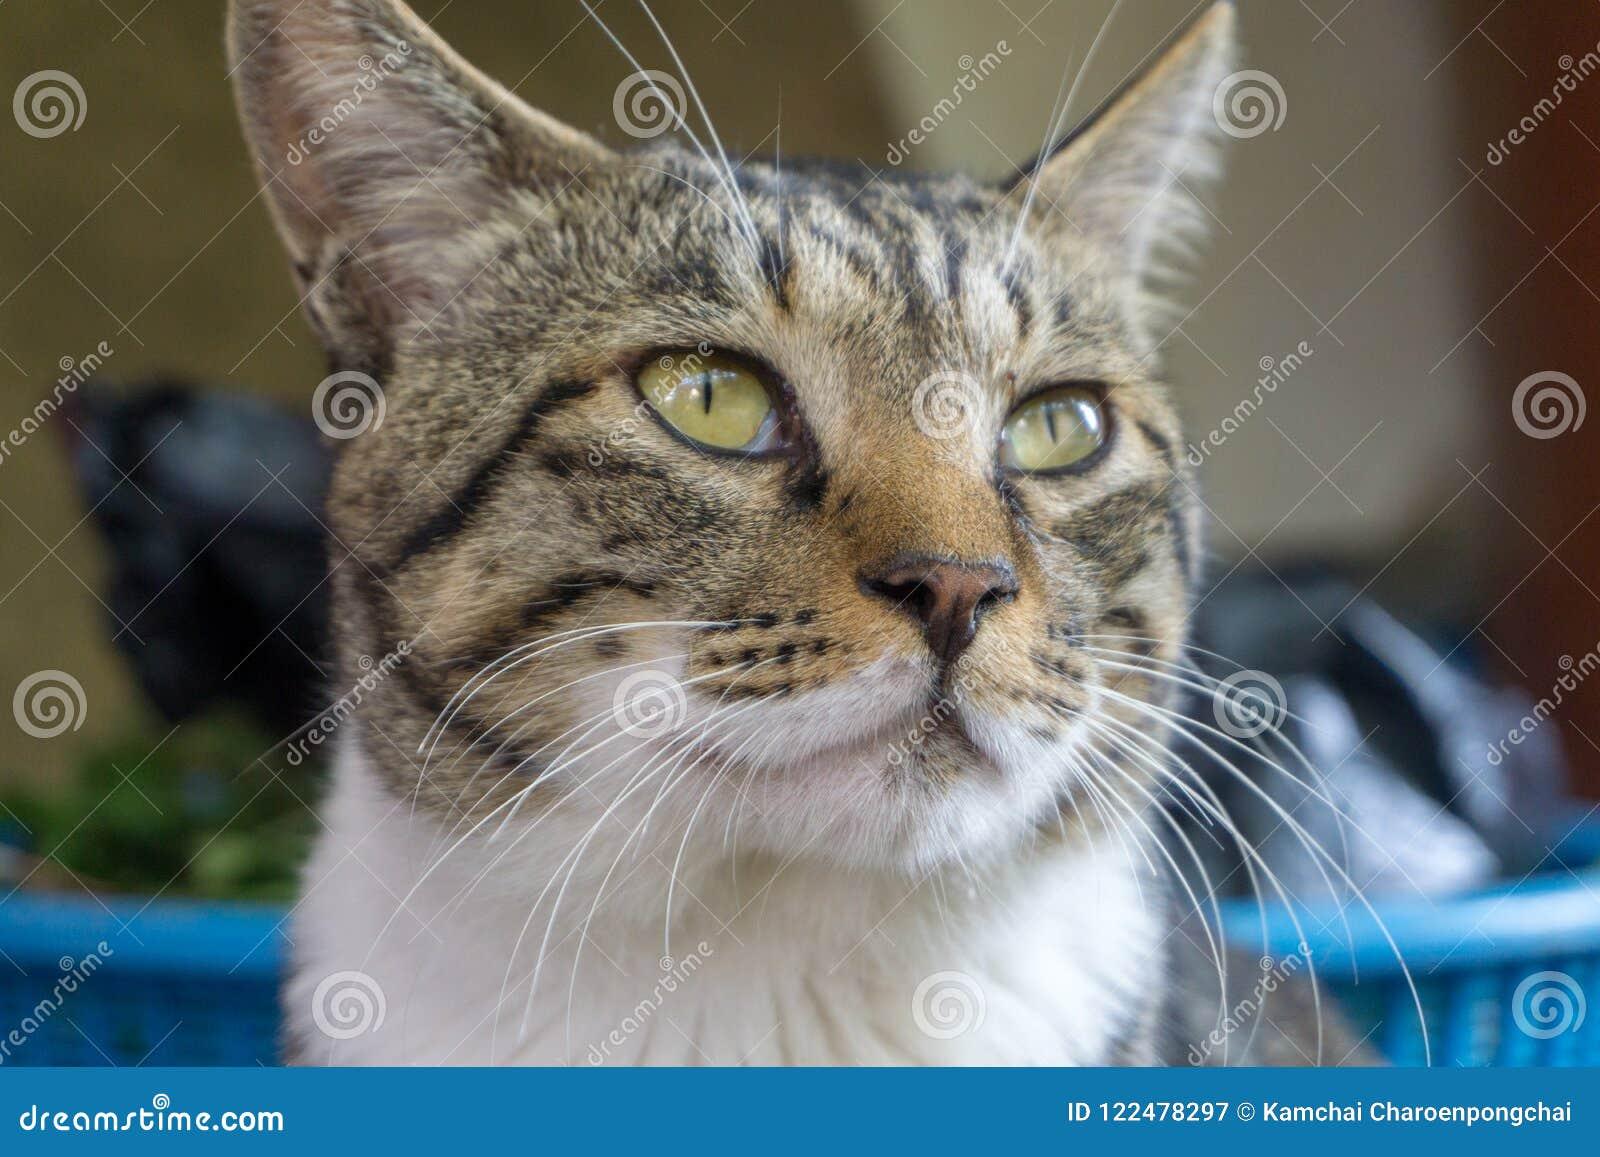 Chat bringé de modèle de Brown avec les yeux inégaux regardant quelque chose fixement